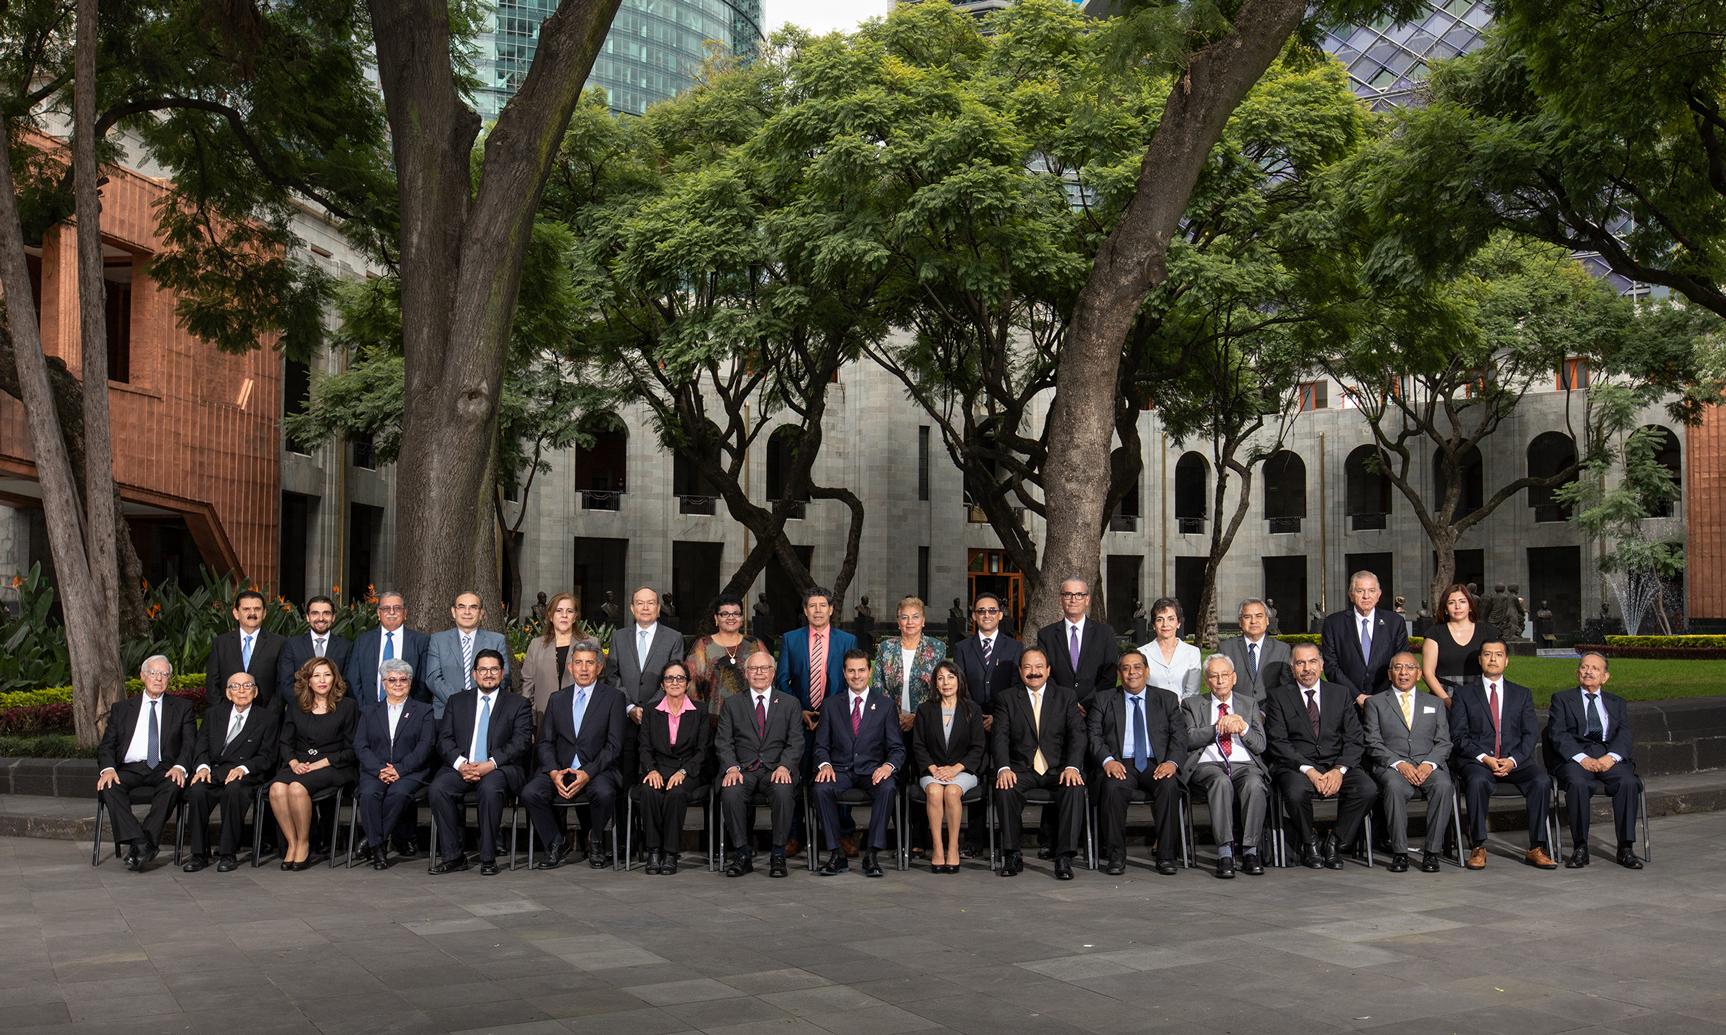 Fotografía grupal panorámica de médicos reconocidos